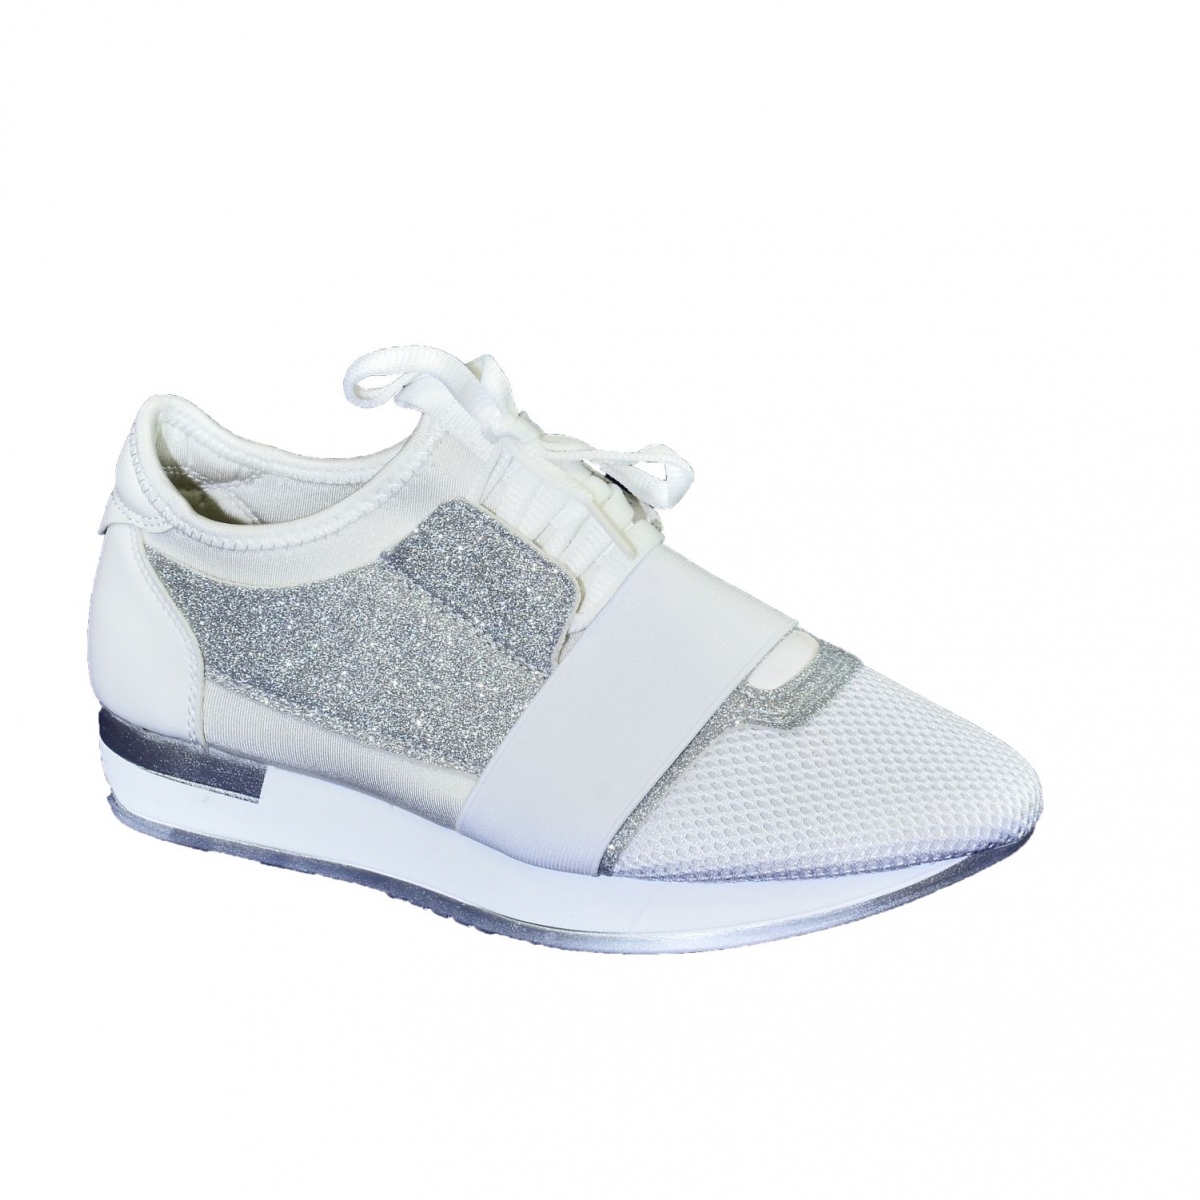 c12638c59a34 Dámske bielo-strieborné botasky BRIEN - 5